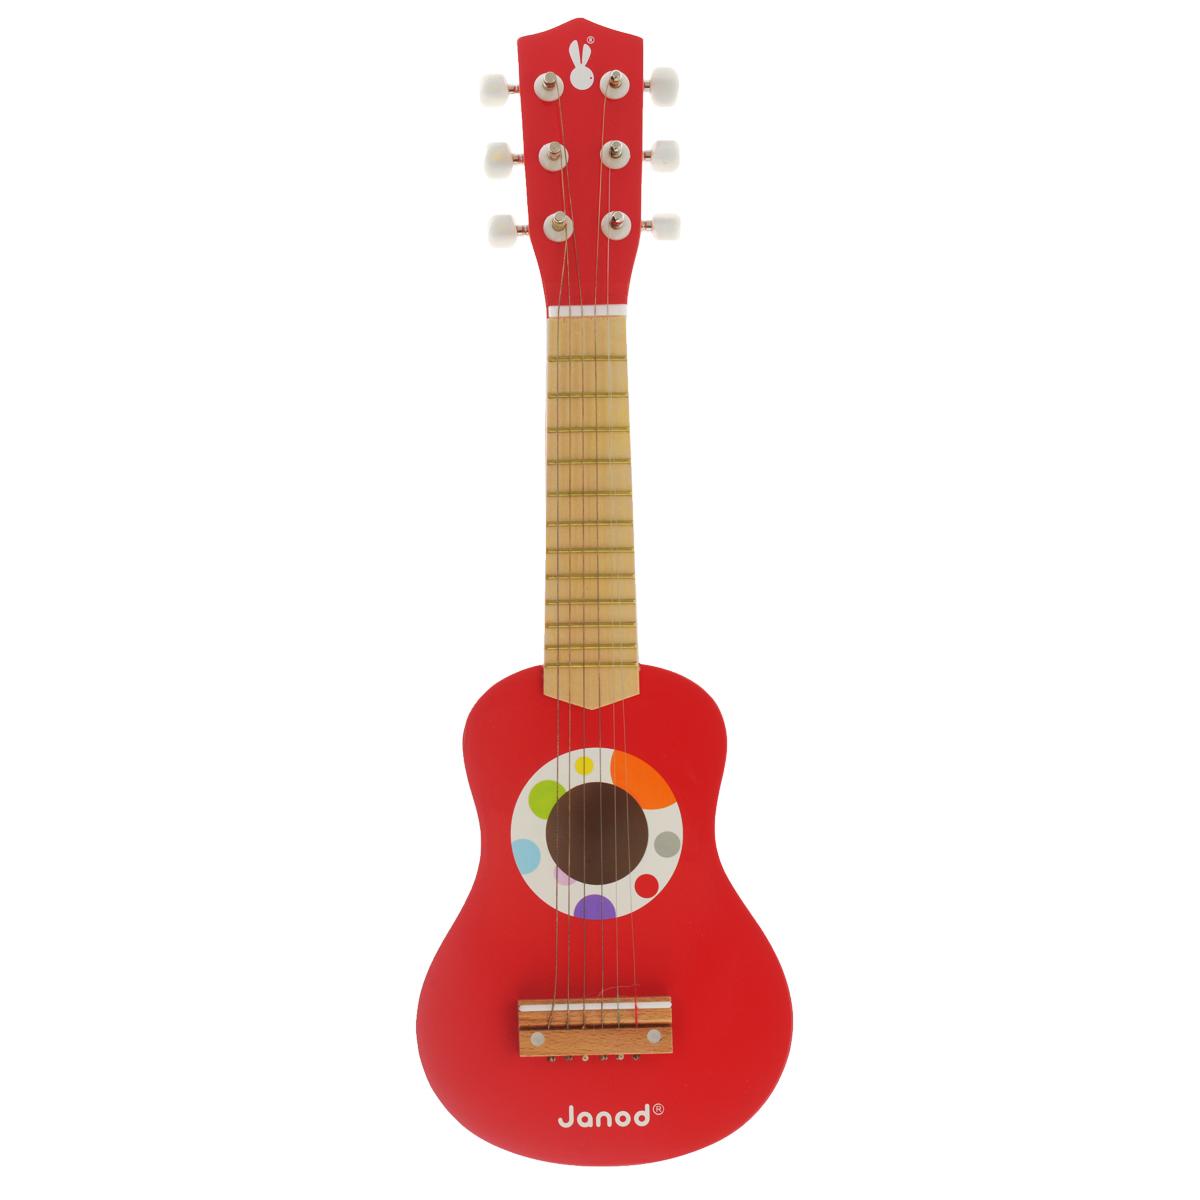 Музыкальная игрушка Janod ГитараJ07628Музыкальная игрушка Janod Гитара не позволит скучать вашему малышу. Она выполнена из дерева и окрашена в яркие цвета с применением безопасных для здоровья детей красок. Деревянная детская гитара - игрушка, разработанная самыми лучшими французскими дизайнерами, имеет очень приятную и гладкую поверхность. Гитара имеет настоящие колки и 6 струн, поэтому прекрасно держит лад и хорошо звучит, а при необходимости ее можно настраивать. Яркая расцветка гитары привлечет внимание и поднимет настроение малыша. Это яркая и веселая игрушка, с помощью которой вы сможете привить ребенку любовь к музыке. Музыкальная игрушка Janod Гитара поможет развить слух, чувство ритма и музыкальные способности малыша, и он порадует вас веселым концертом!